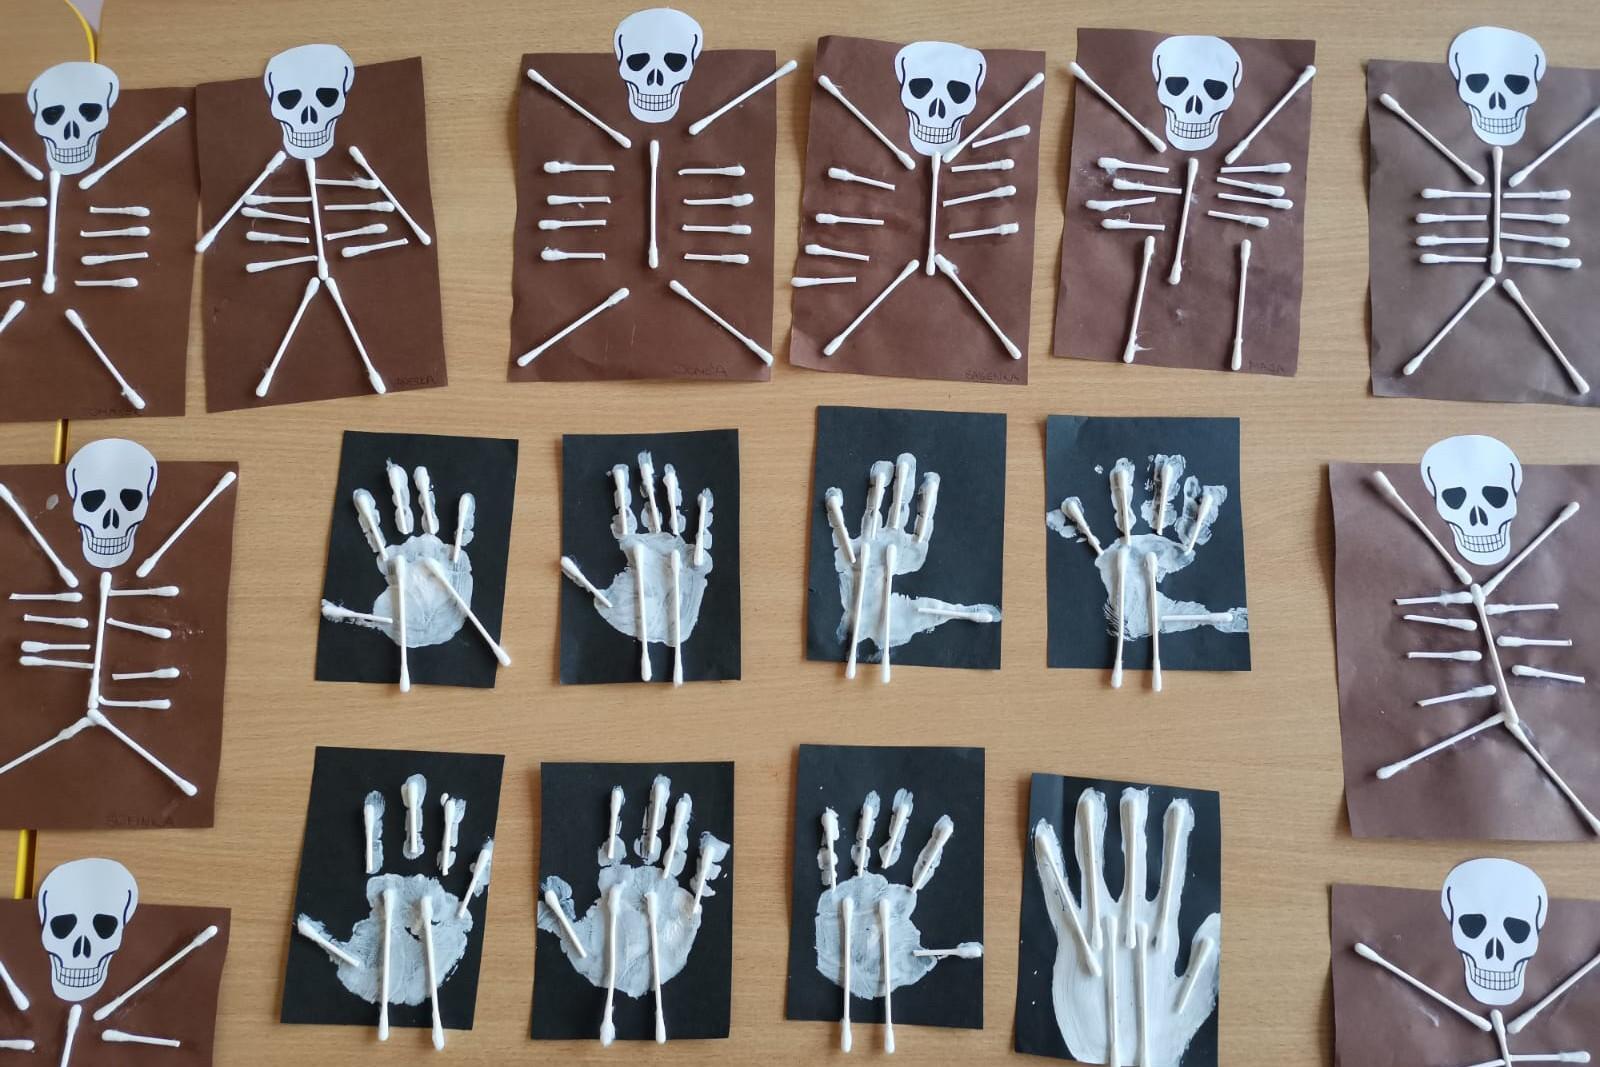 Kosti v našem těle 19.11.2020